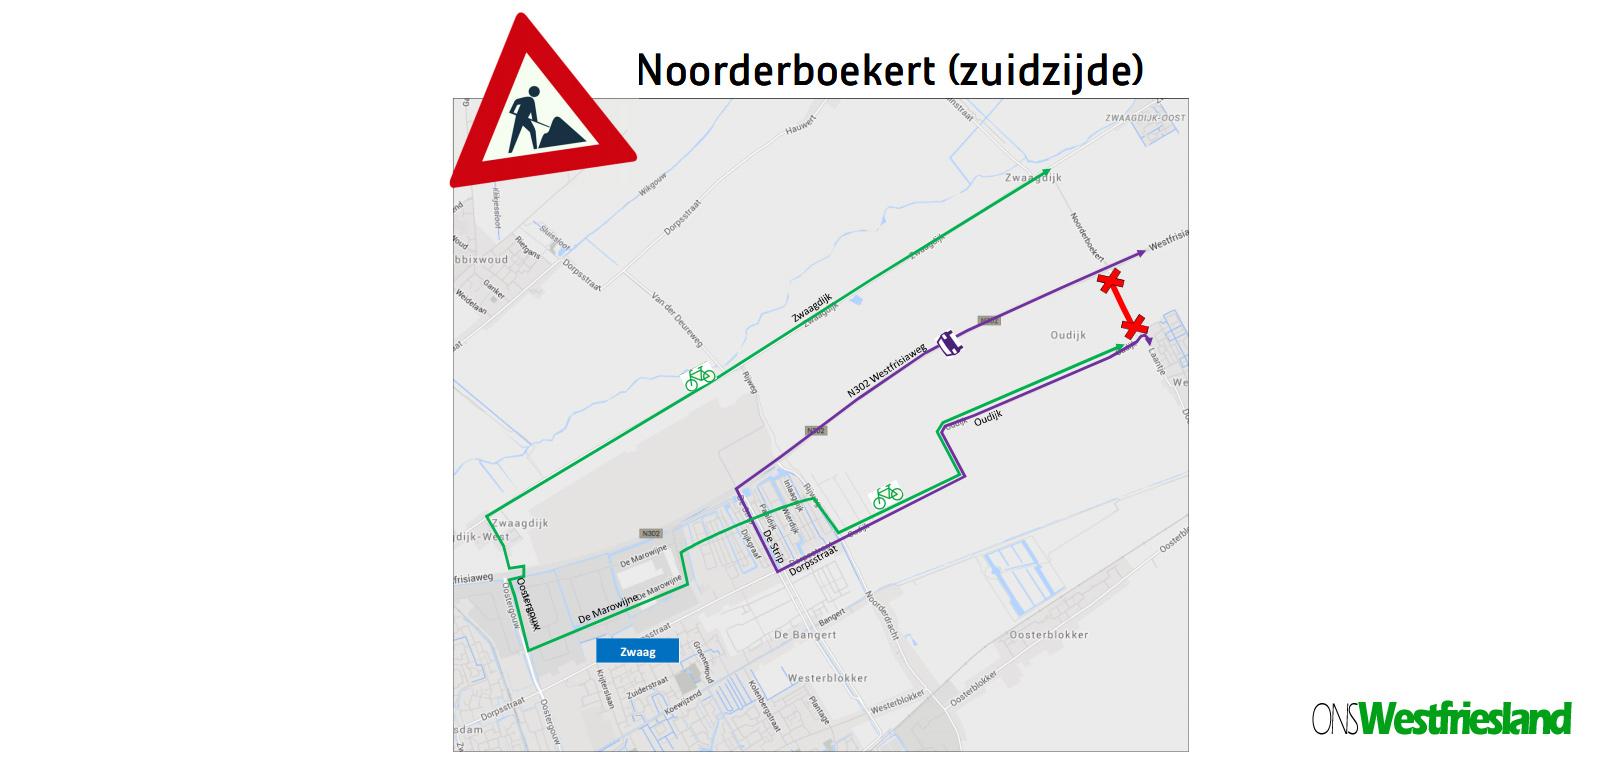 Avond van 30 mei Noorderboekert afgesloten, fietsers 11km omrijden